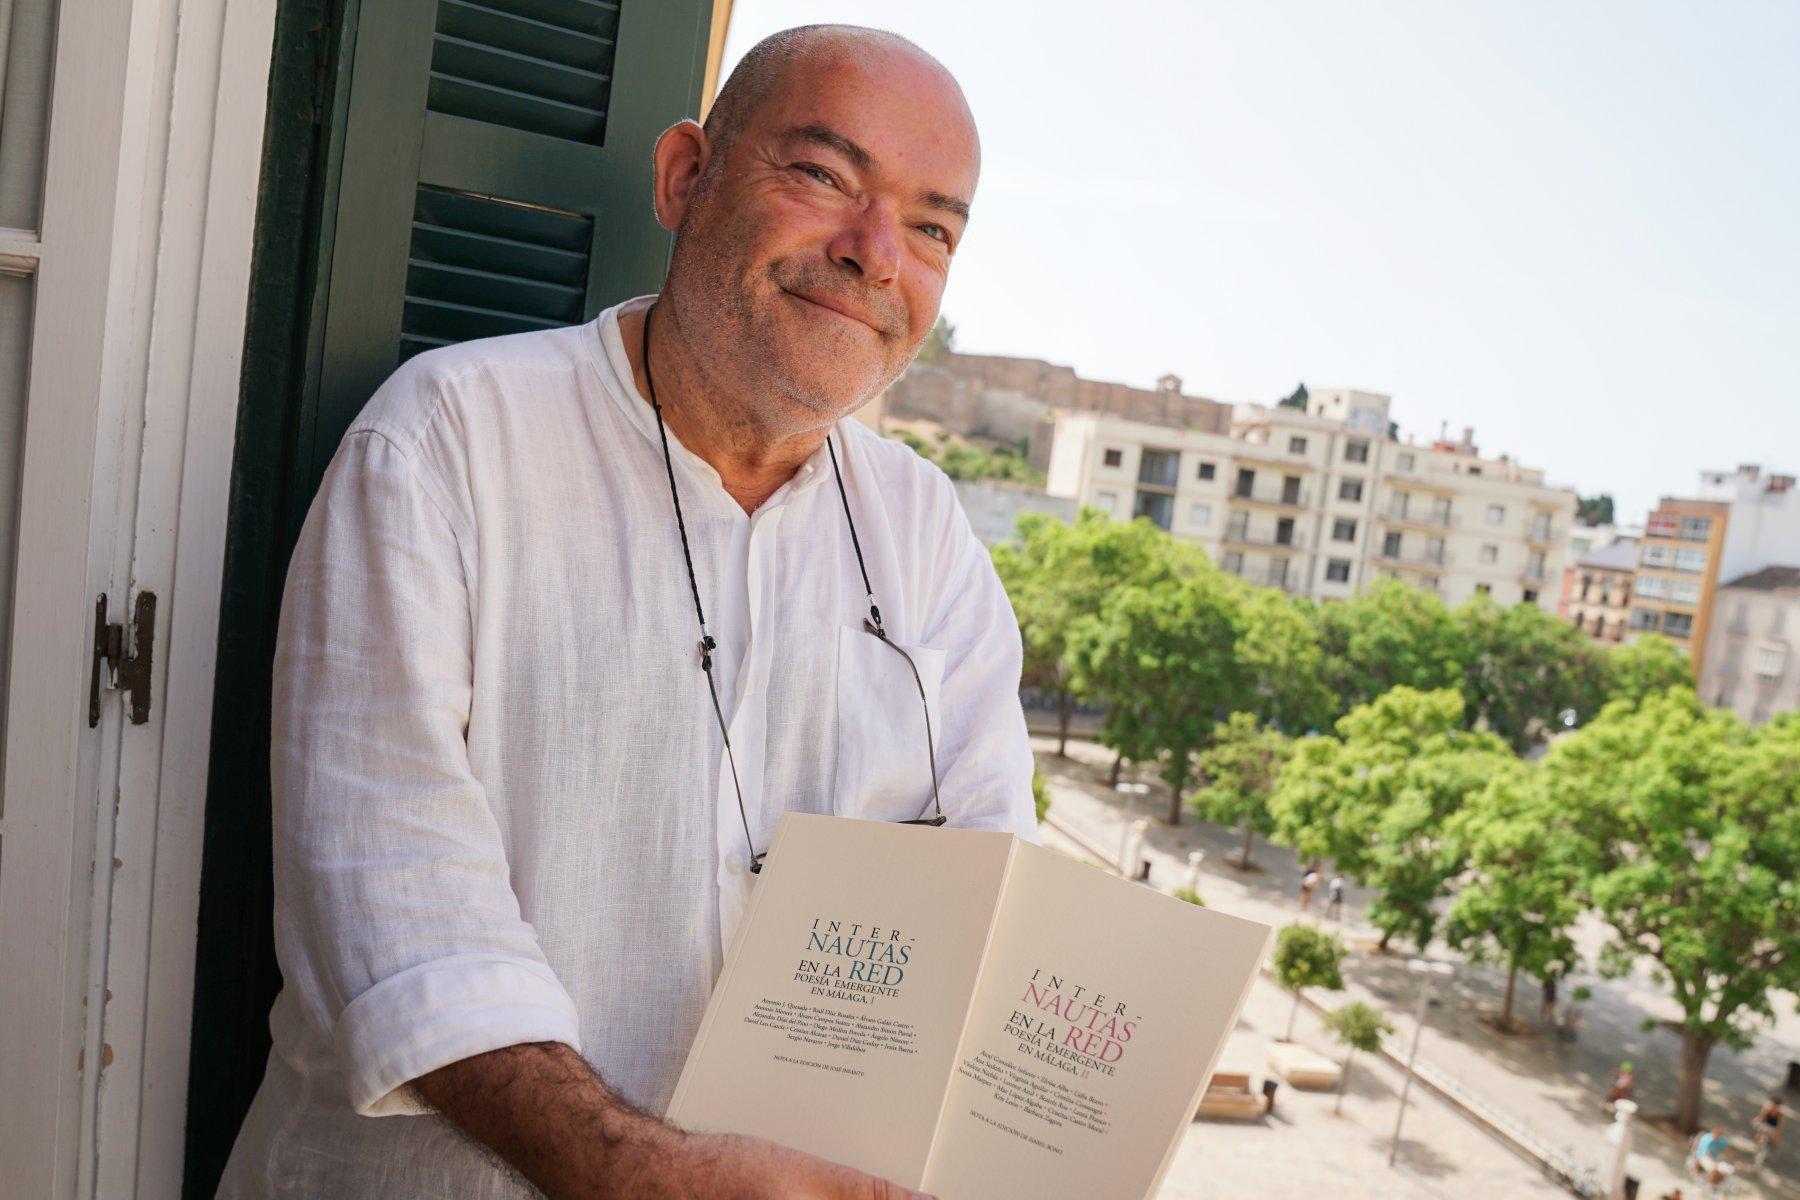 La colección Arroyo de la Manía abre una nueva etapa con un texto inédito de Antonio Machado